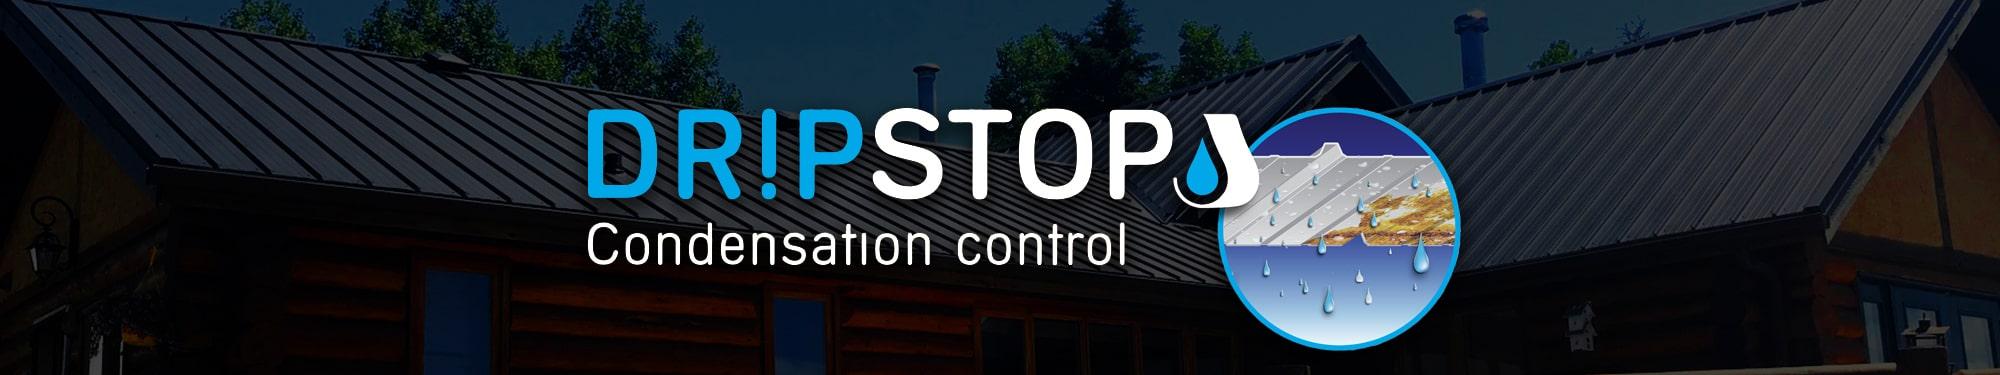 Dripstop Condensation Control